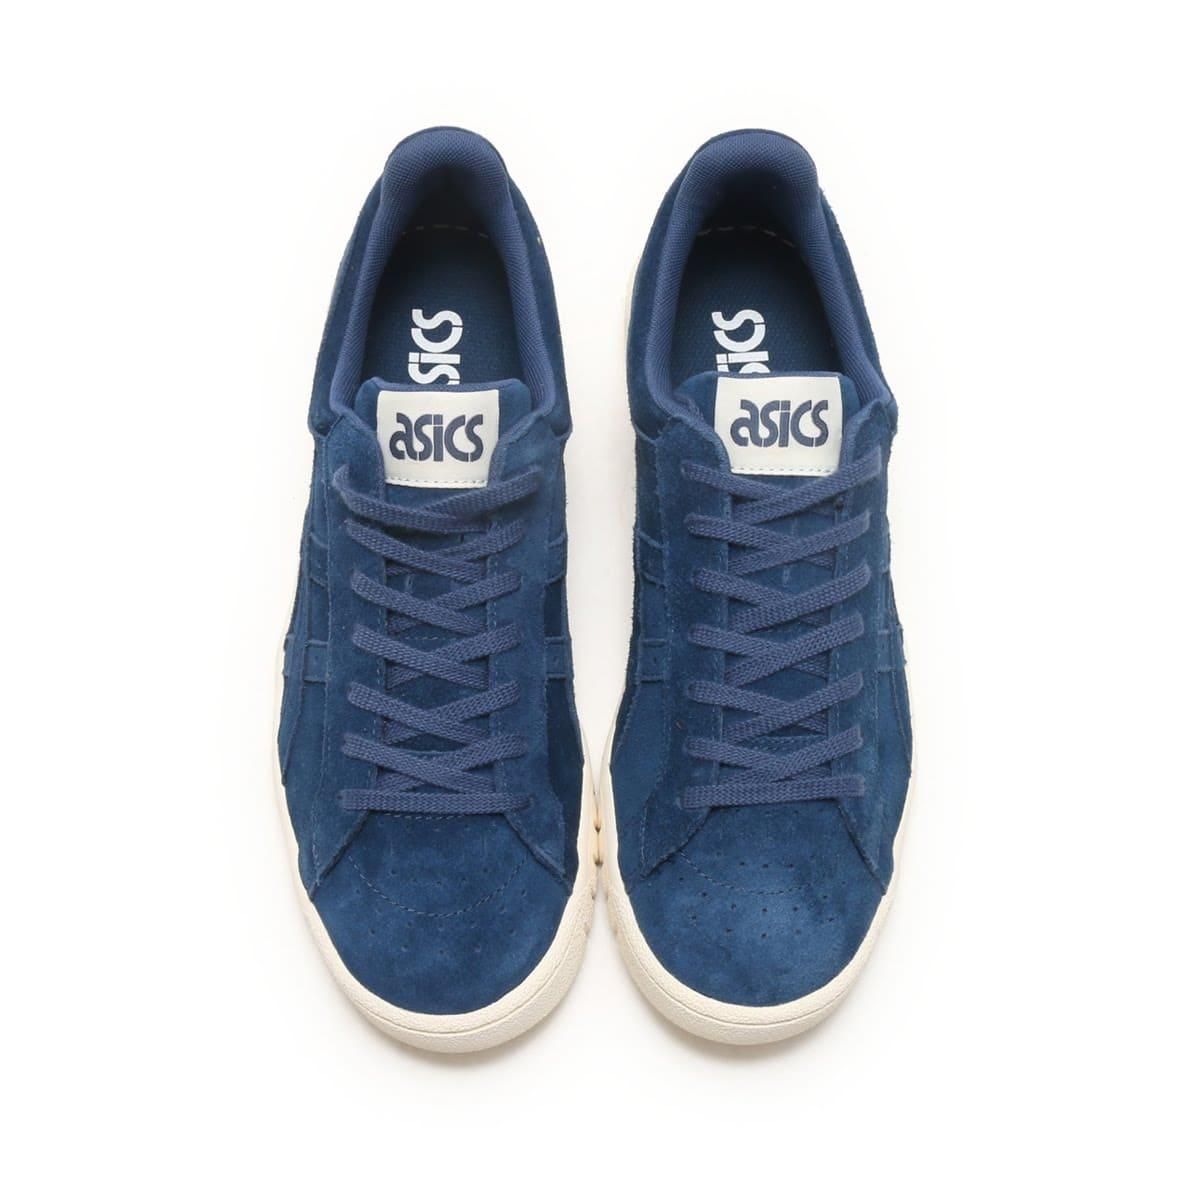 Darmowa dostawa wyprzedaż w sklepie wyprzedażowym przystępna cena ASICSTIGER GEL-PTG DARK BLUE/DARK BLUE